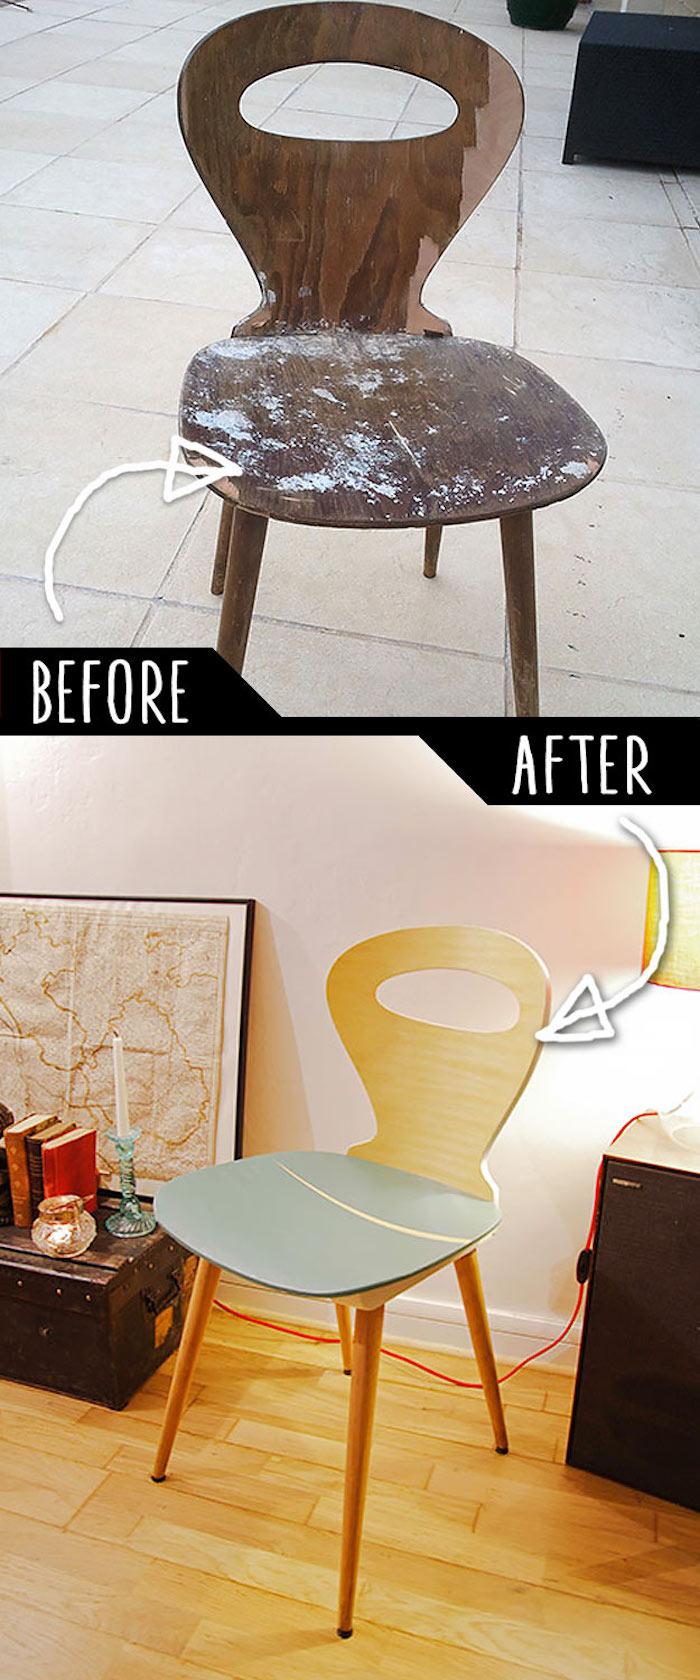 Vieux chaise transformé en cool chaise, photo avant et après, relooking meuble, quelle peinture pour repeindre un meuble en bois